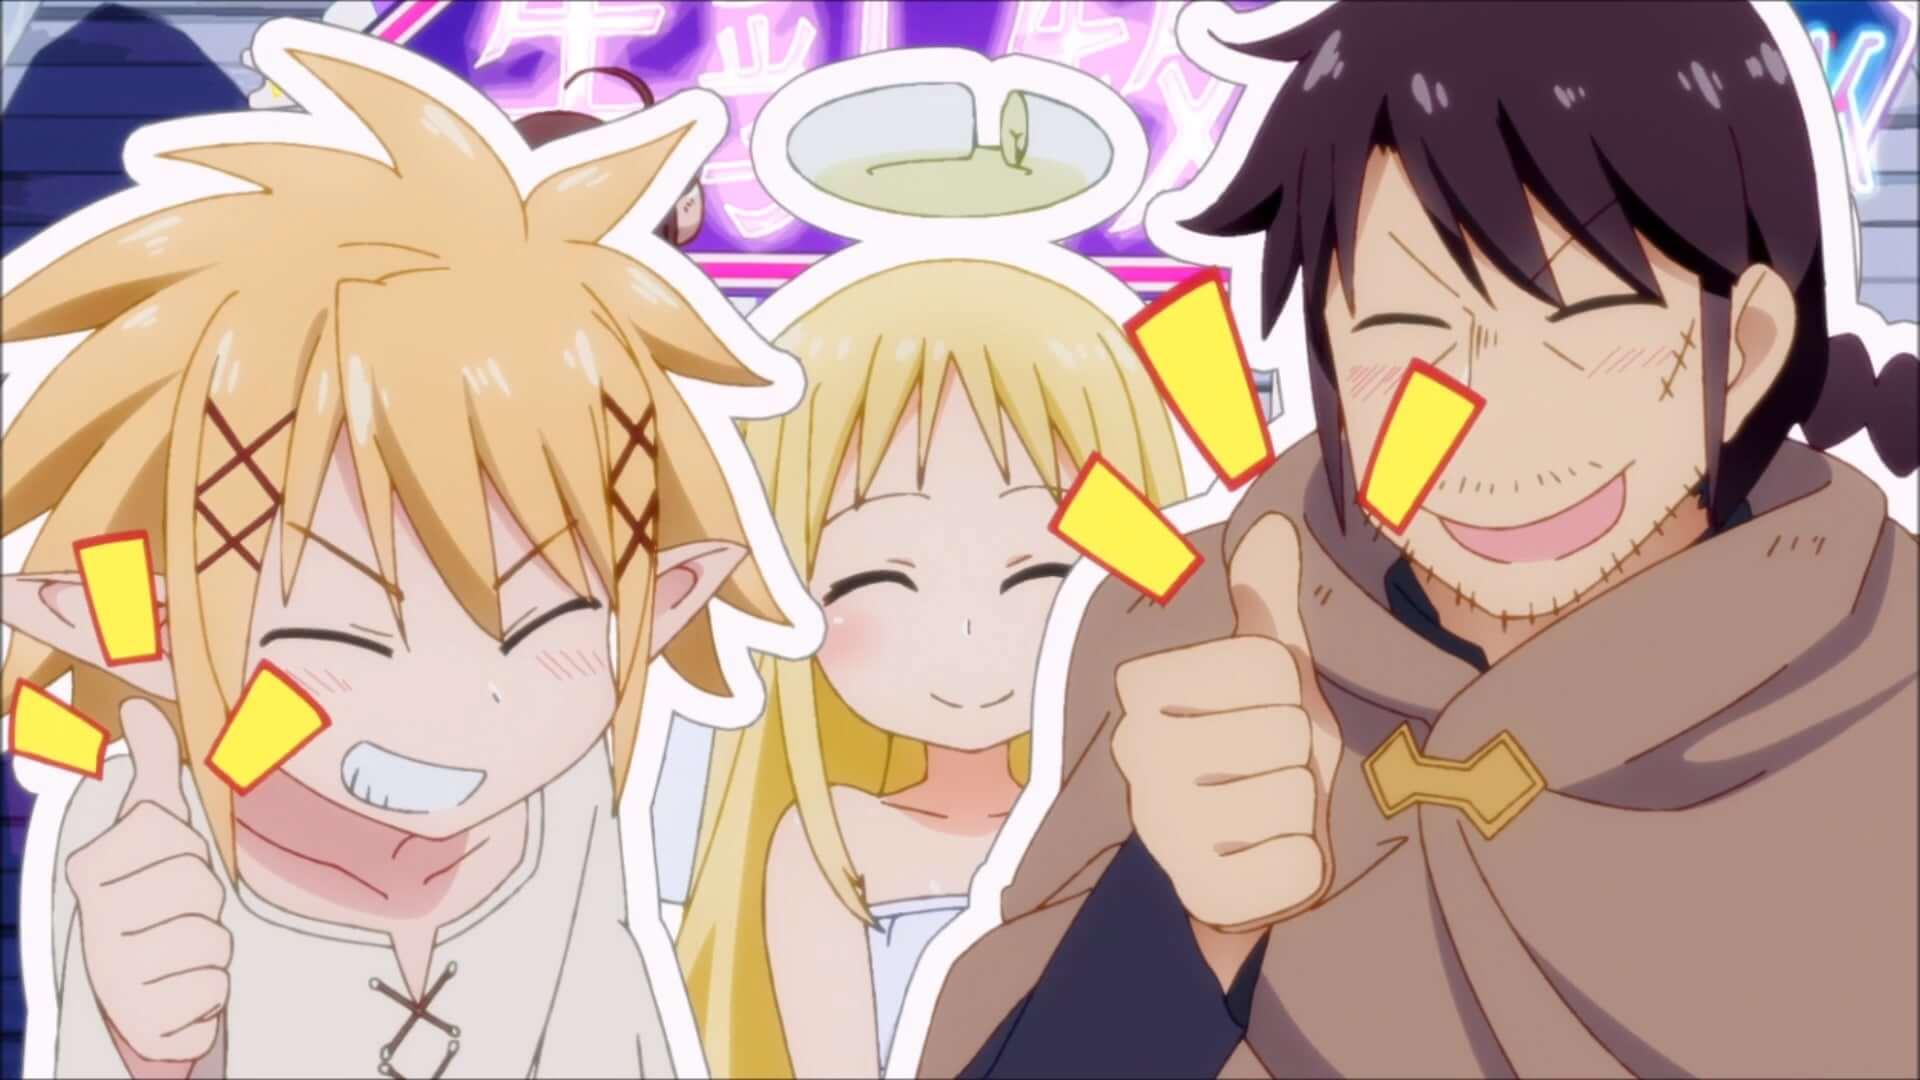 Best anime similar to ishuzoku reviewers, Ishuzoku Reviewers